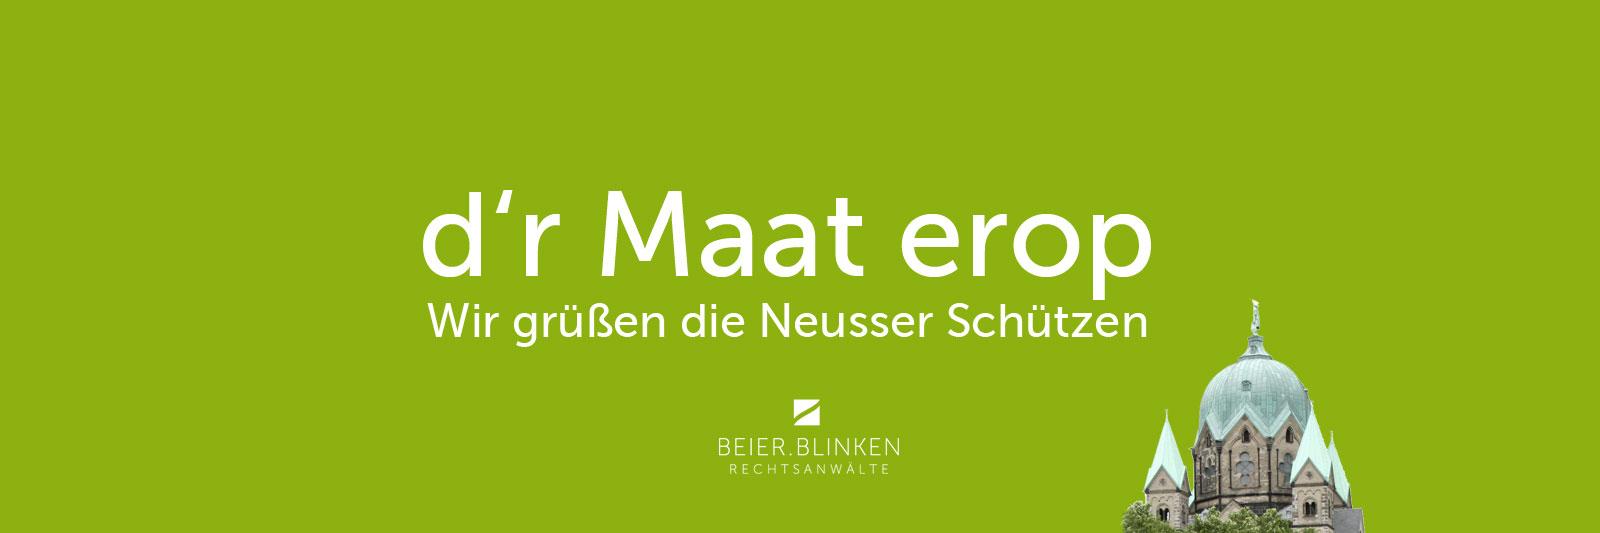 beier_blinken_rechtsanwaelte_neuss_schuetzenfest